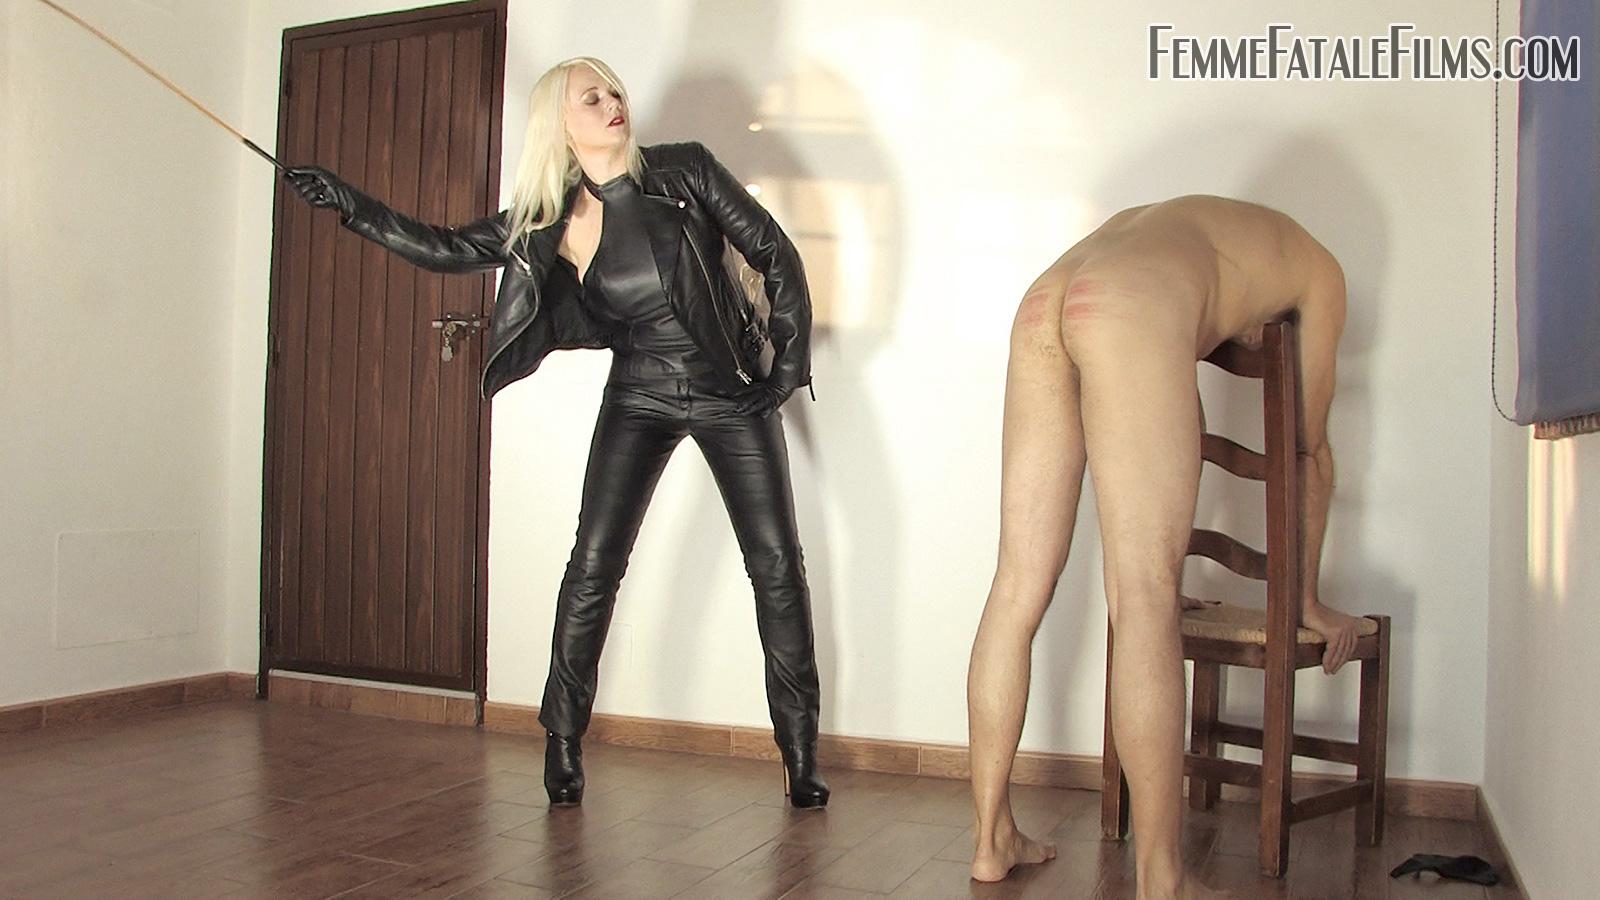 Goddess Heather Divine severely canes her slave